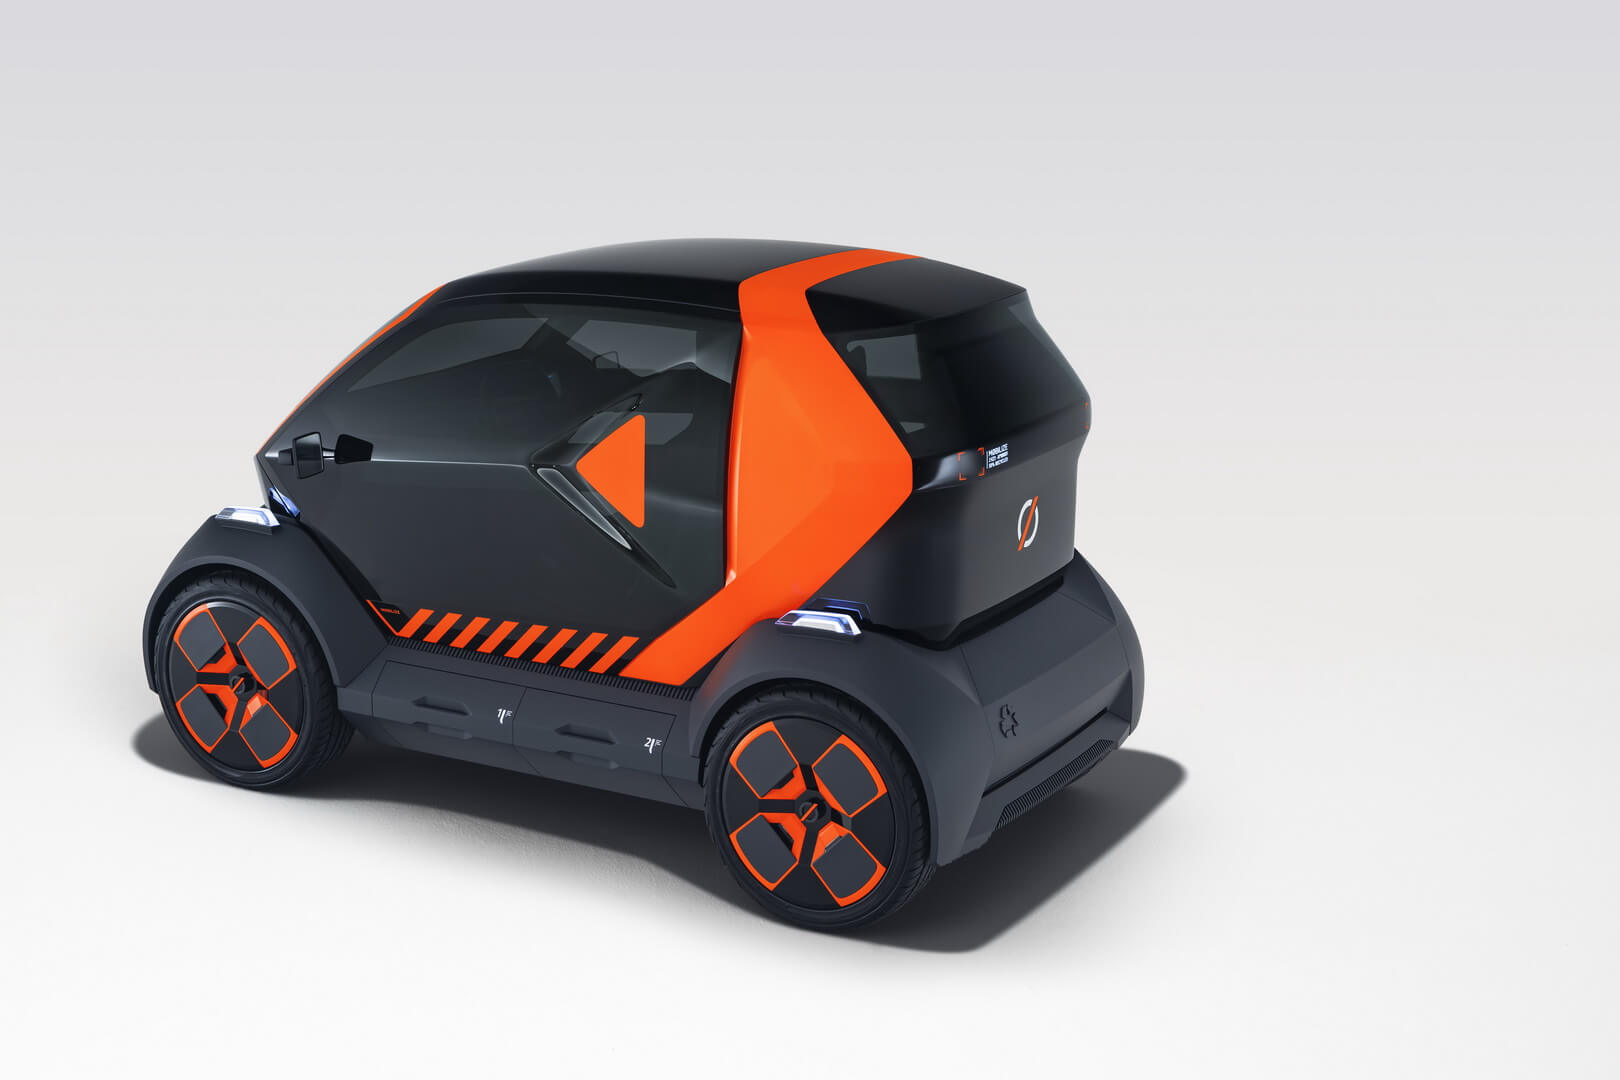 Mobilize EZ-1 – это компактный и маневренный автомобиль для 2 человек, специально разработанный для совместного использования